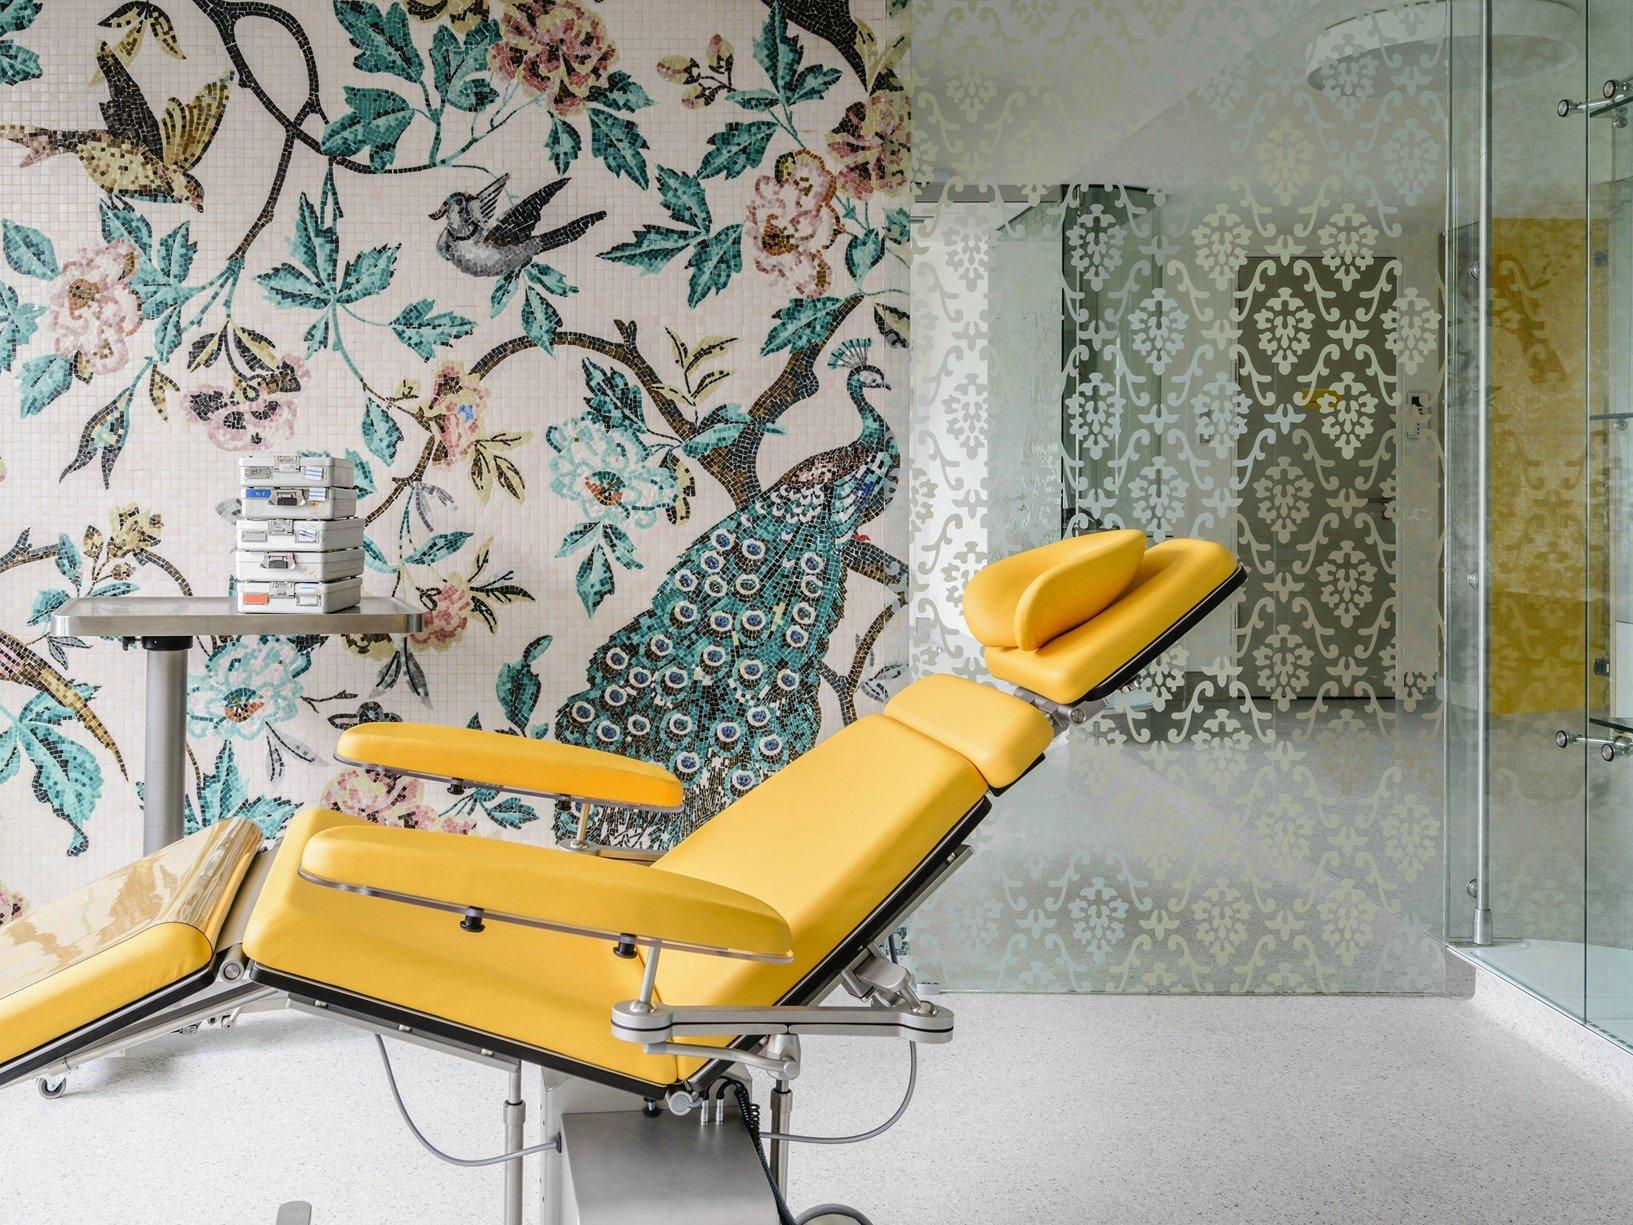 Ku64 ispirazione rococ per le pareti floreali - Decorazioni floreali per pareti ...